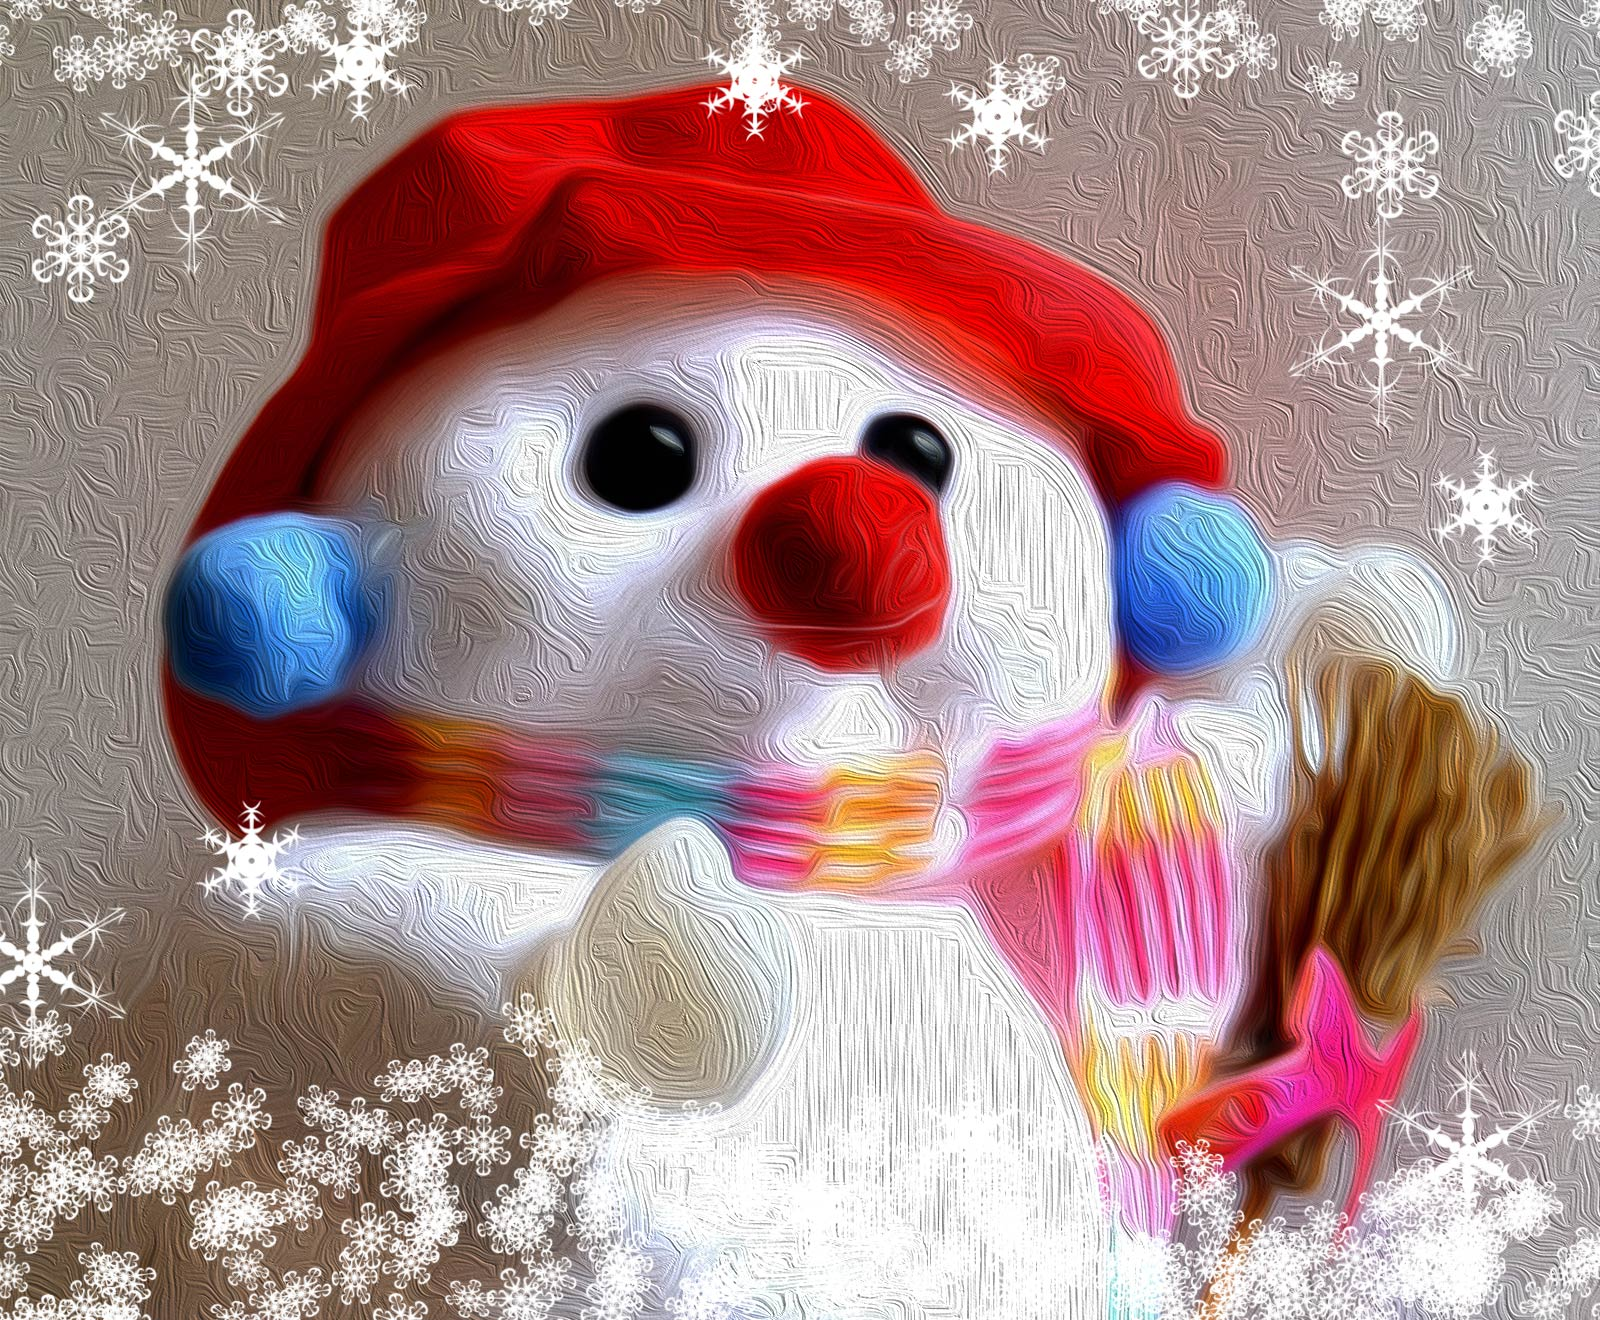 Ilustración gratis - Pequeño muñeco de nieve